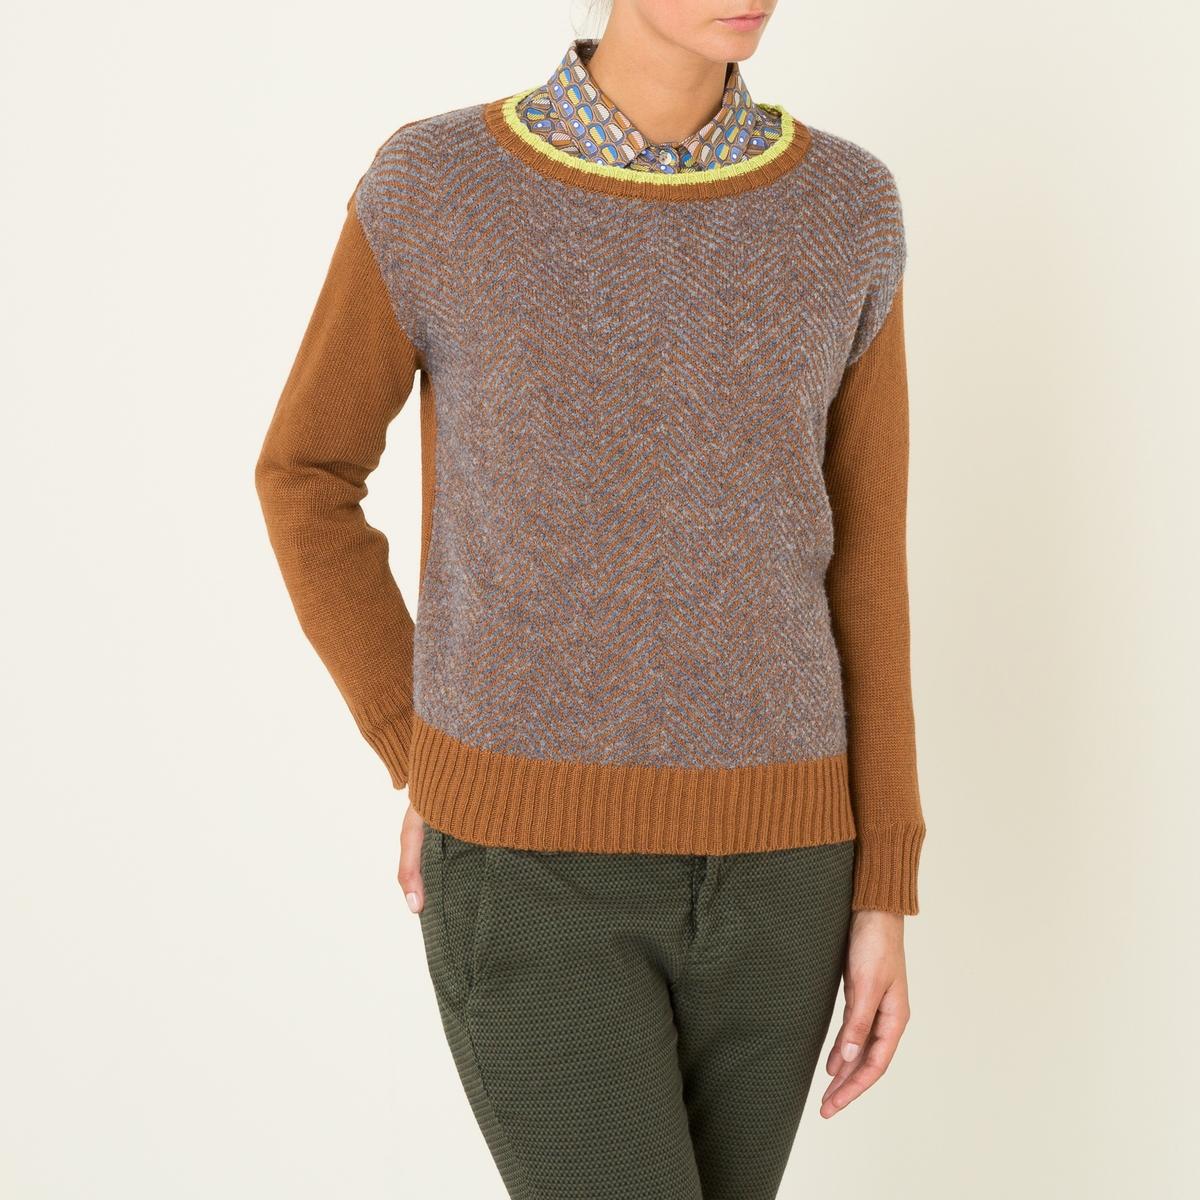 Пуловер короткийКороткий пуловер NIU - двухцветная модель с жаккардовым рисунком. Круглый вырез с краями в двухцветный рубчик. Однотонные длинные рукава. Основная часть с жаккардовым рисунком. Края рукавов и низа связаны в однотонный рубчик. Прямой покрой.Состав и описание Материал : 50% полиамида, 40% вискозы, 10% шерстиМарка : NIU<br><br>Цвет: темно-бежевый<br>Размер: S